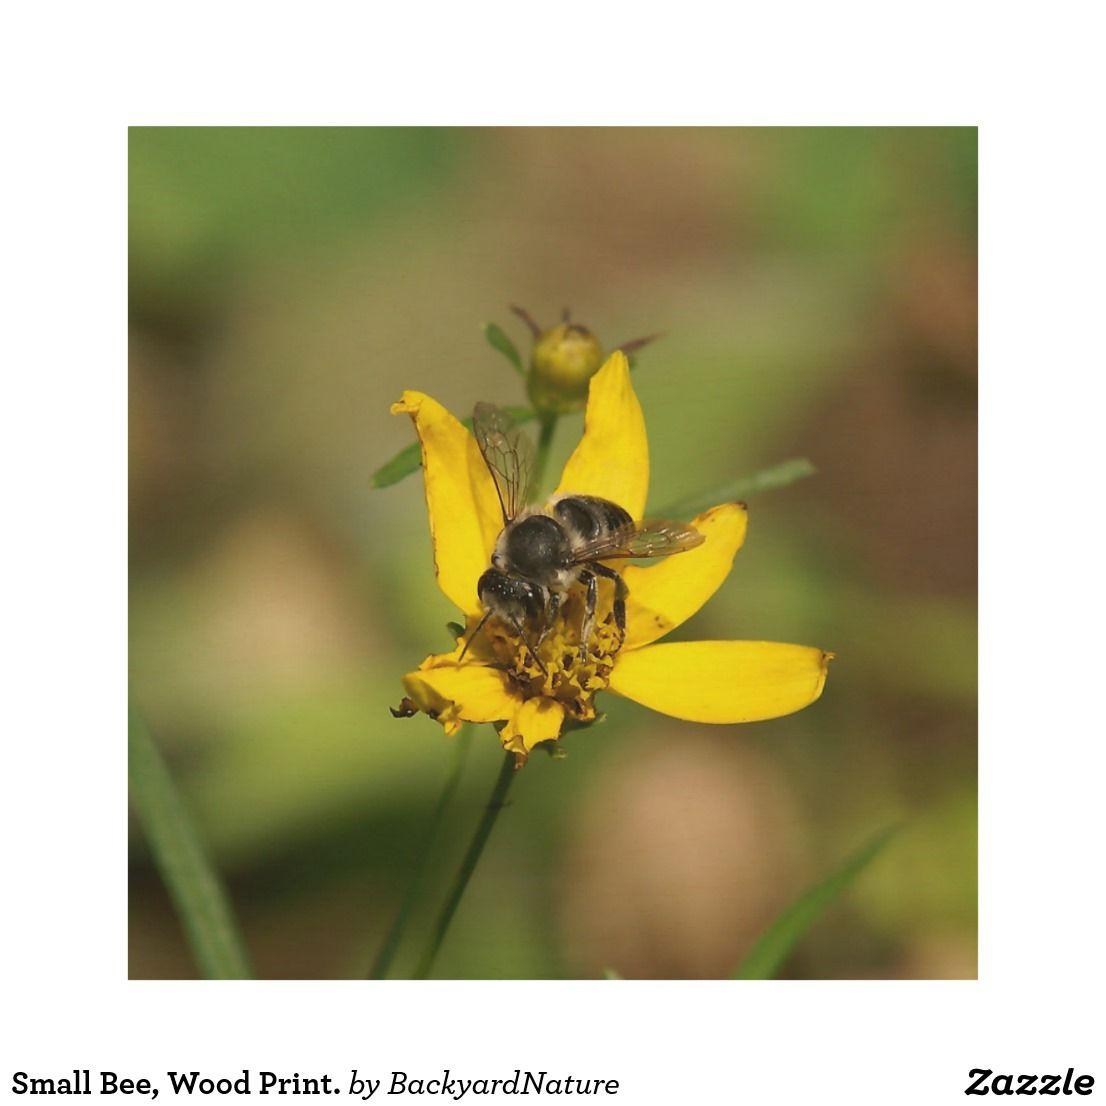 Small Bee, Wood Print. Wood Wall Art | Small bees